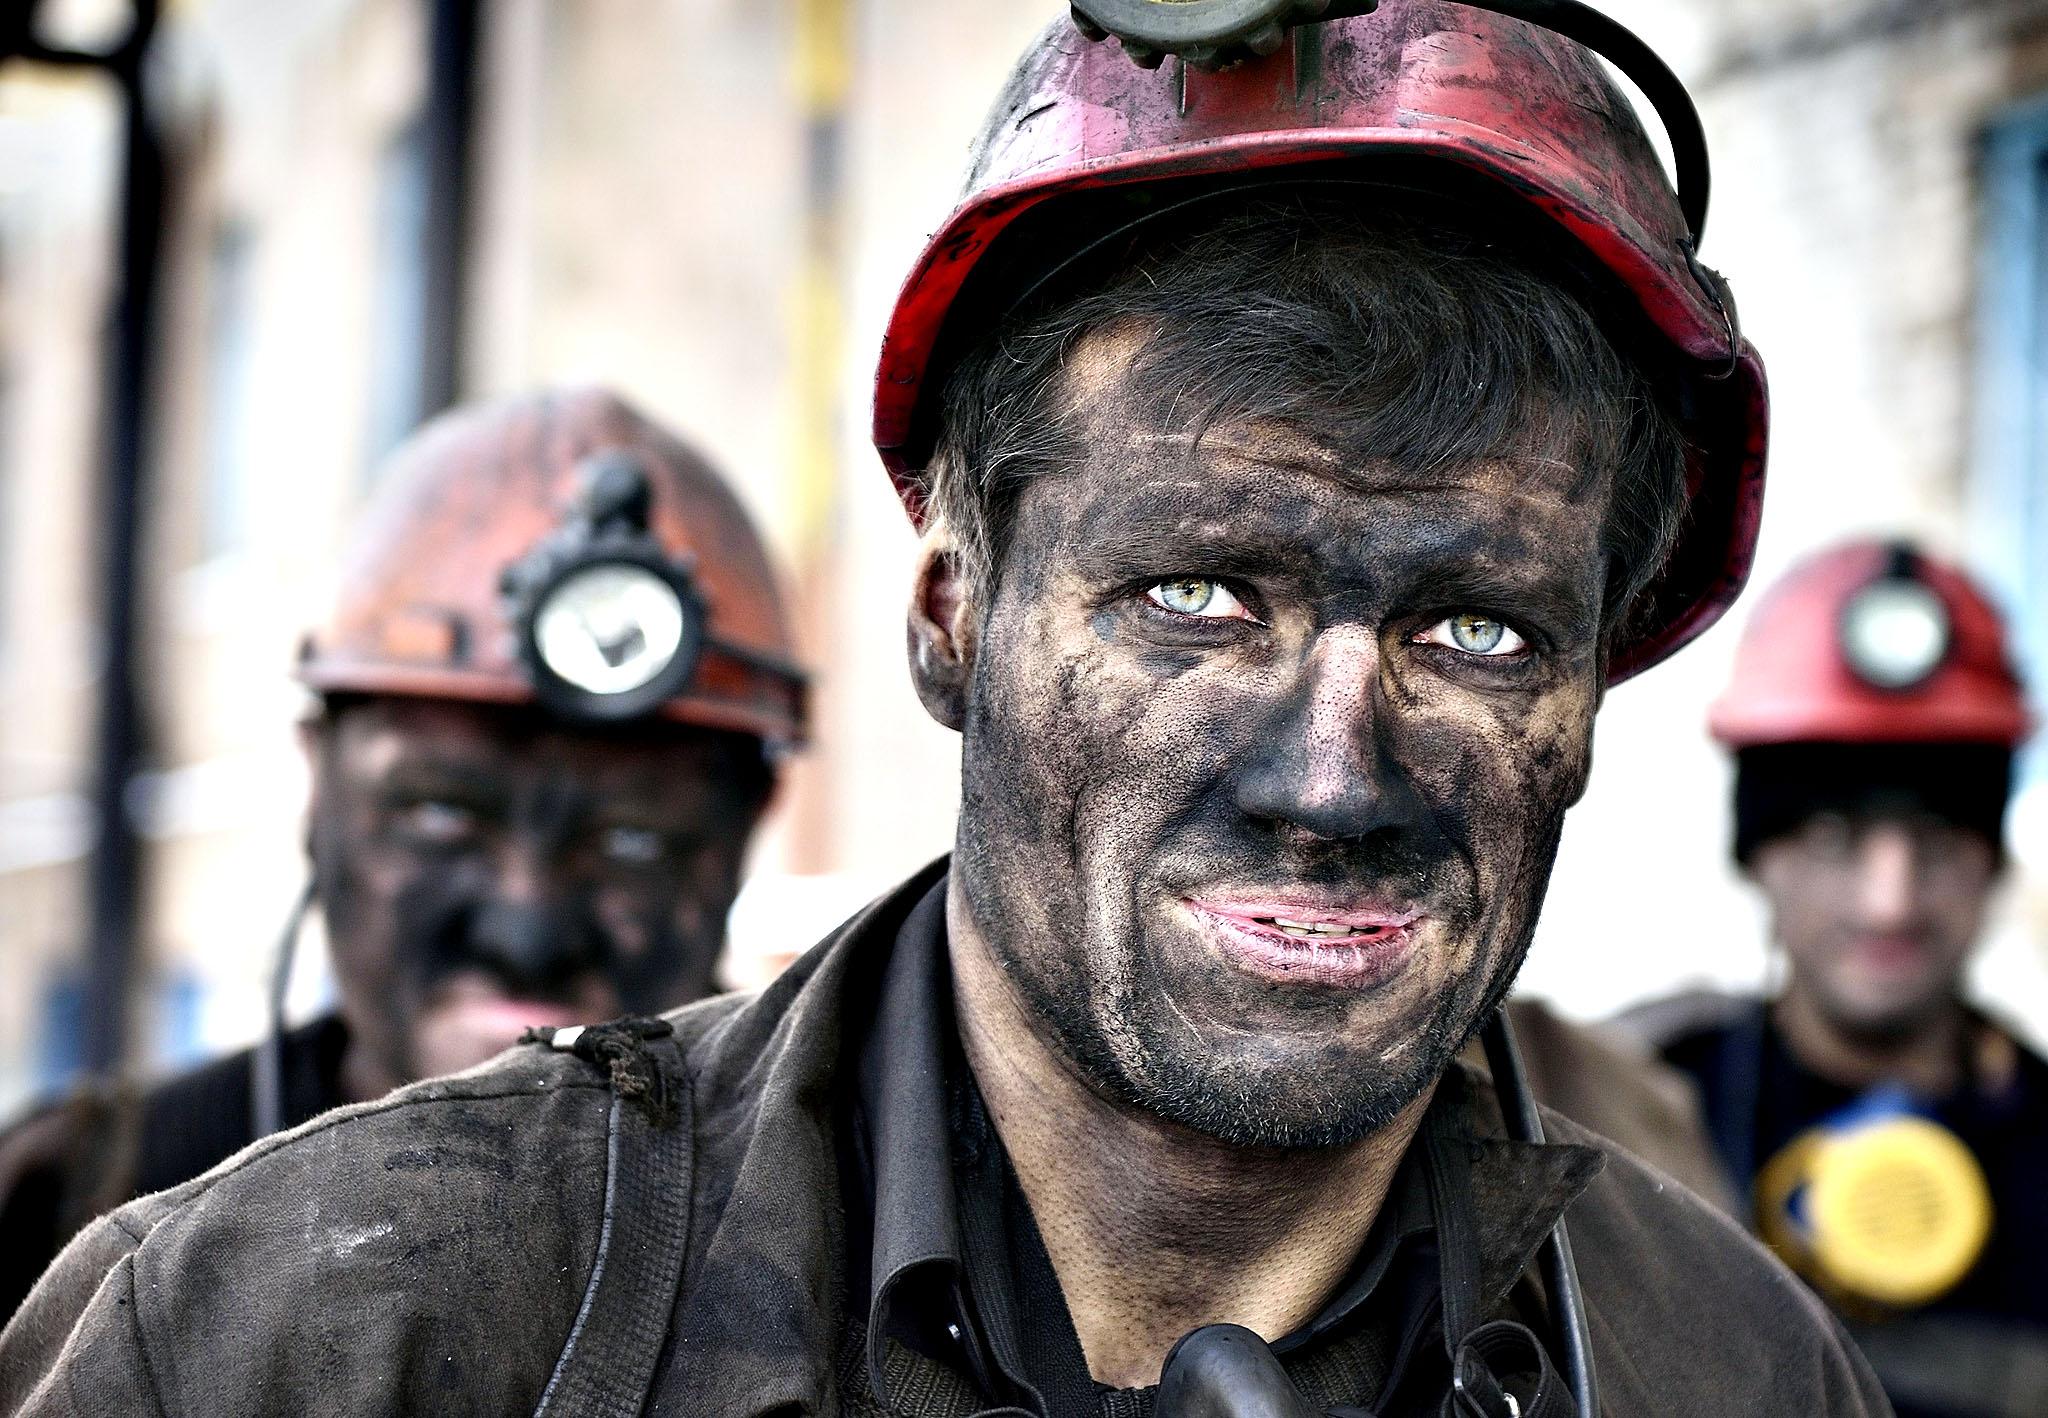 ALERTĂ! Minerii nu renunță la proteste! Aproape 100 de ortaci s-au blocat în subteran! 22